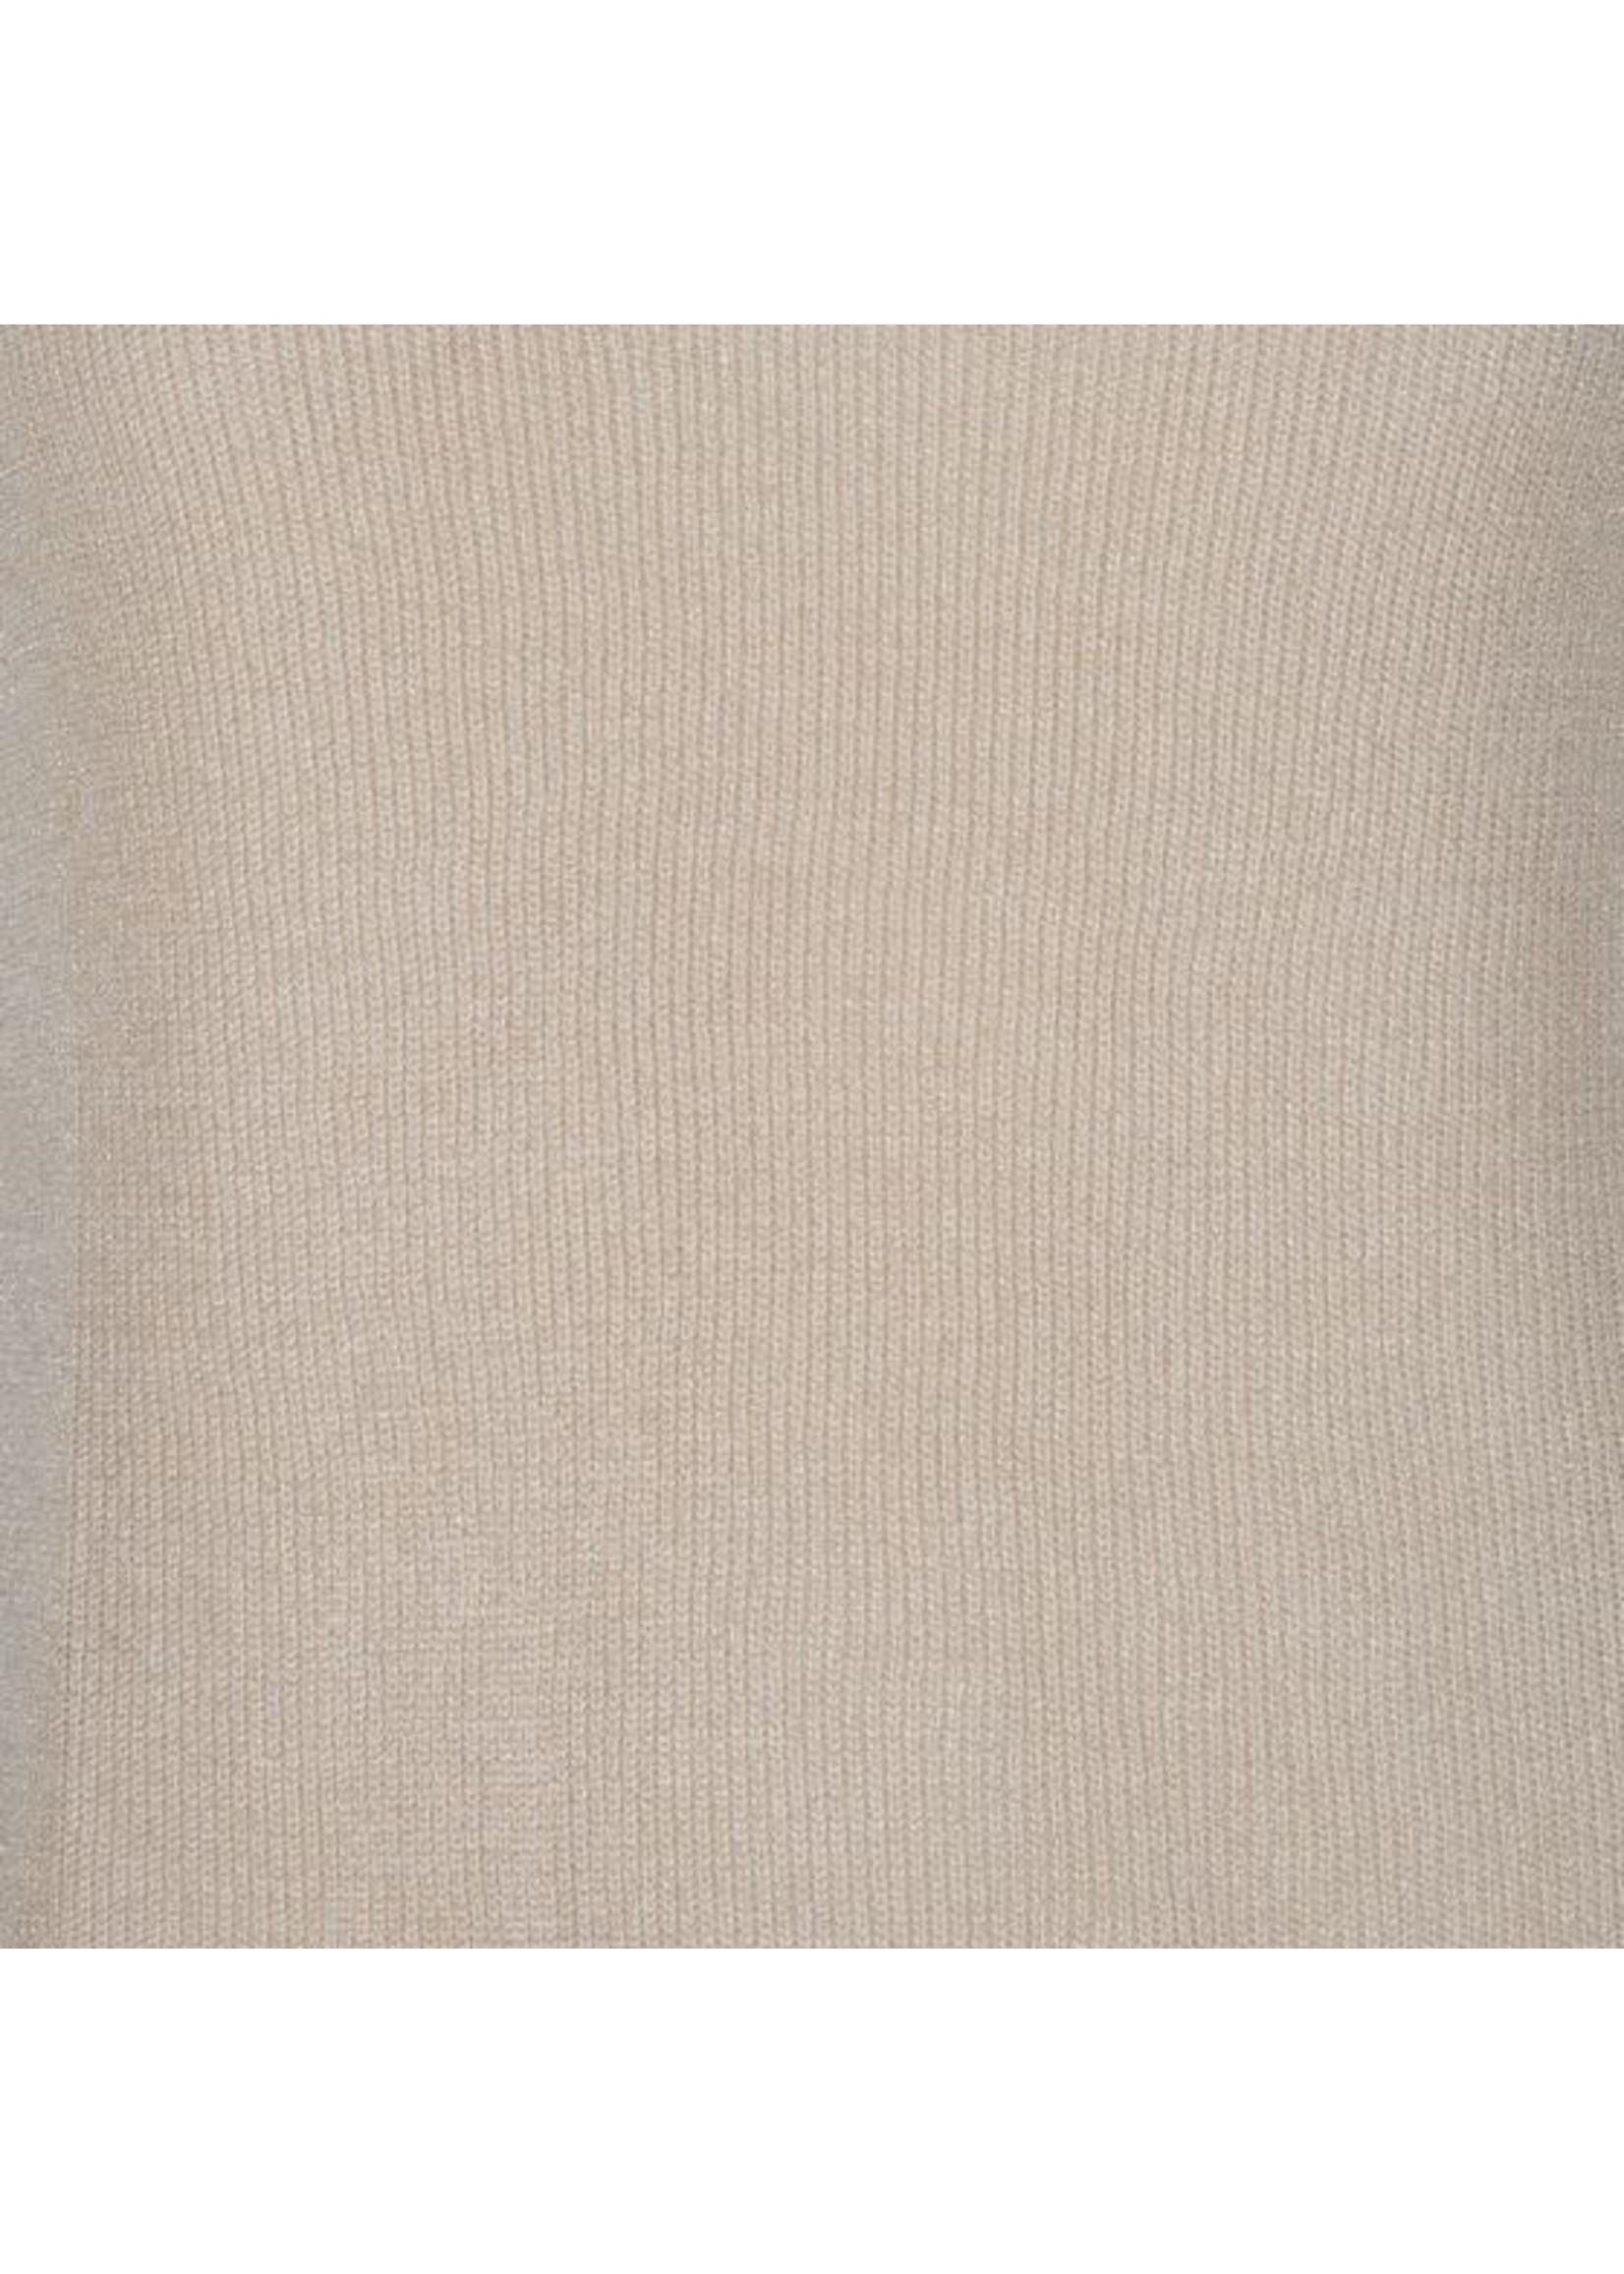 Esqualo Lurex Camisole